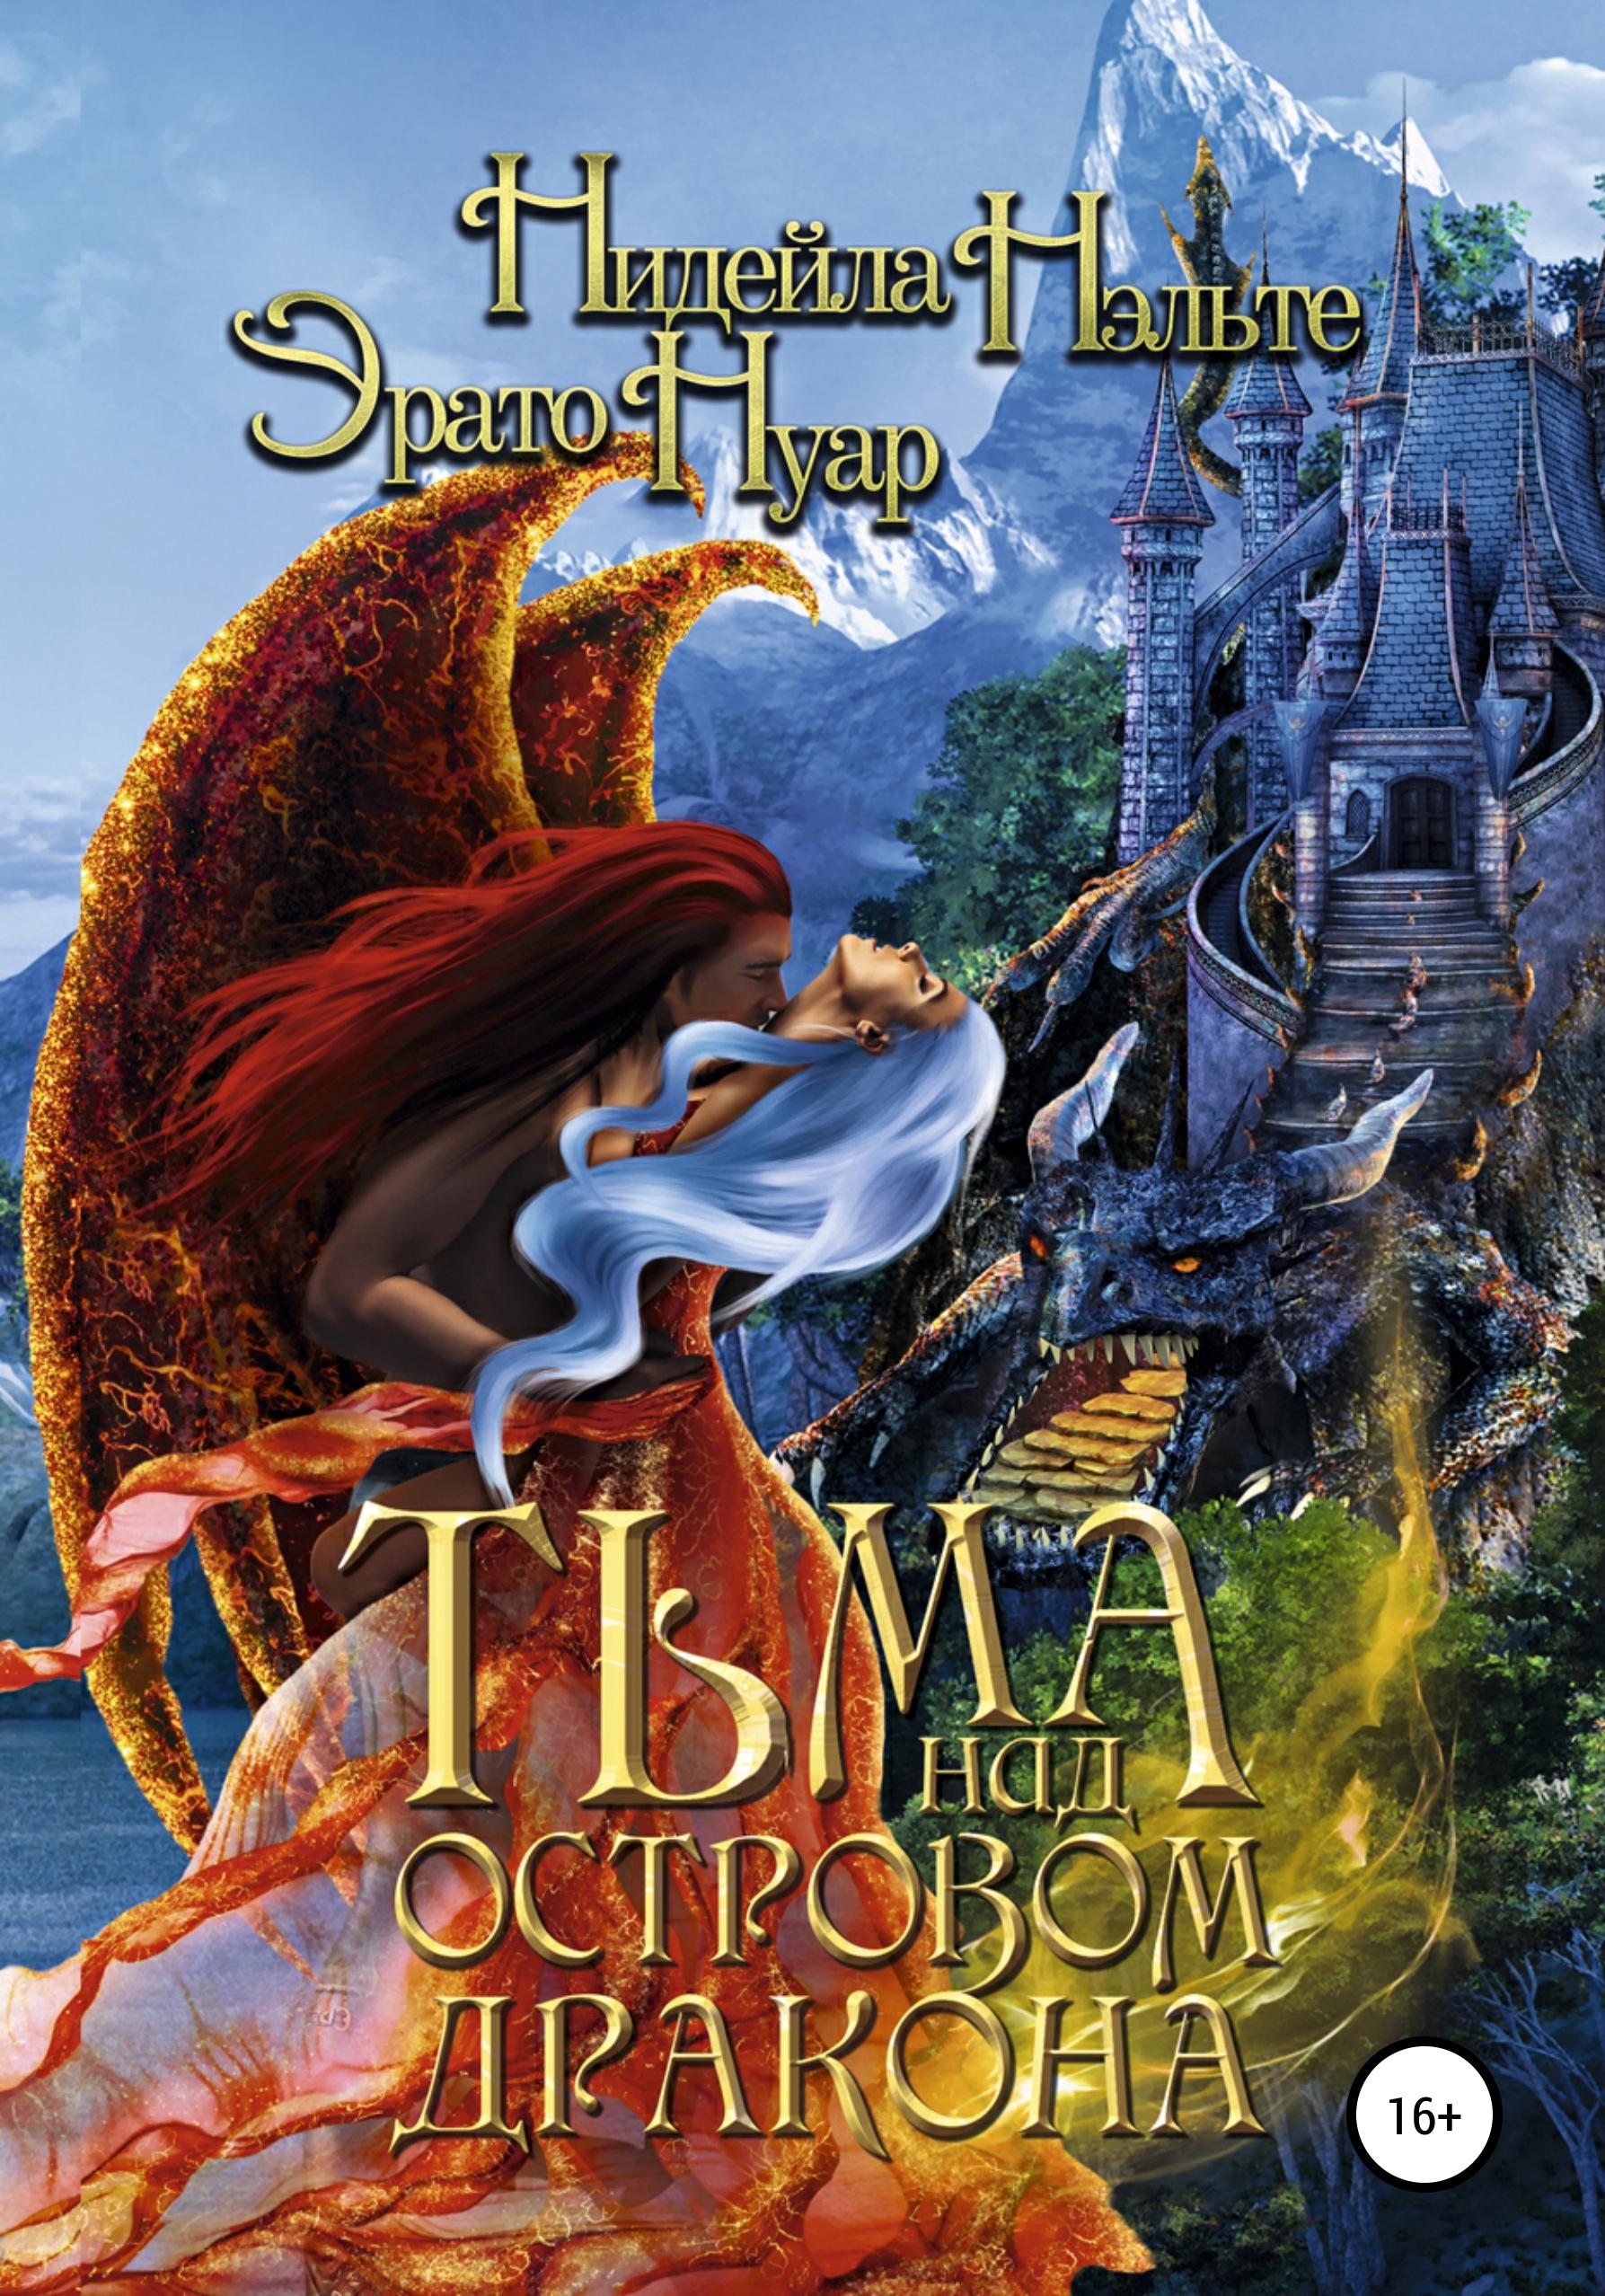 Купить книгу Тьма над Островом Дракона, автора Эрата Нуар